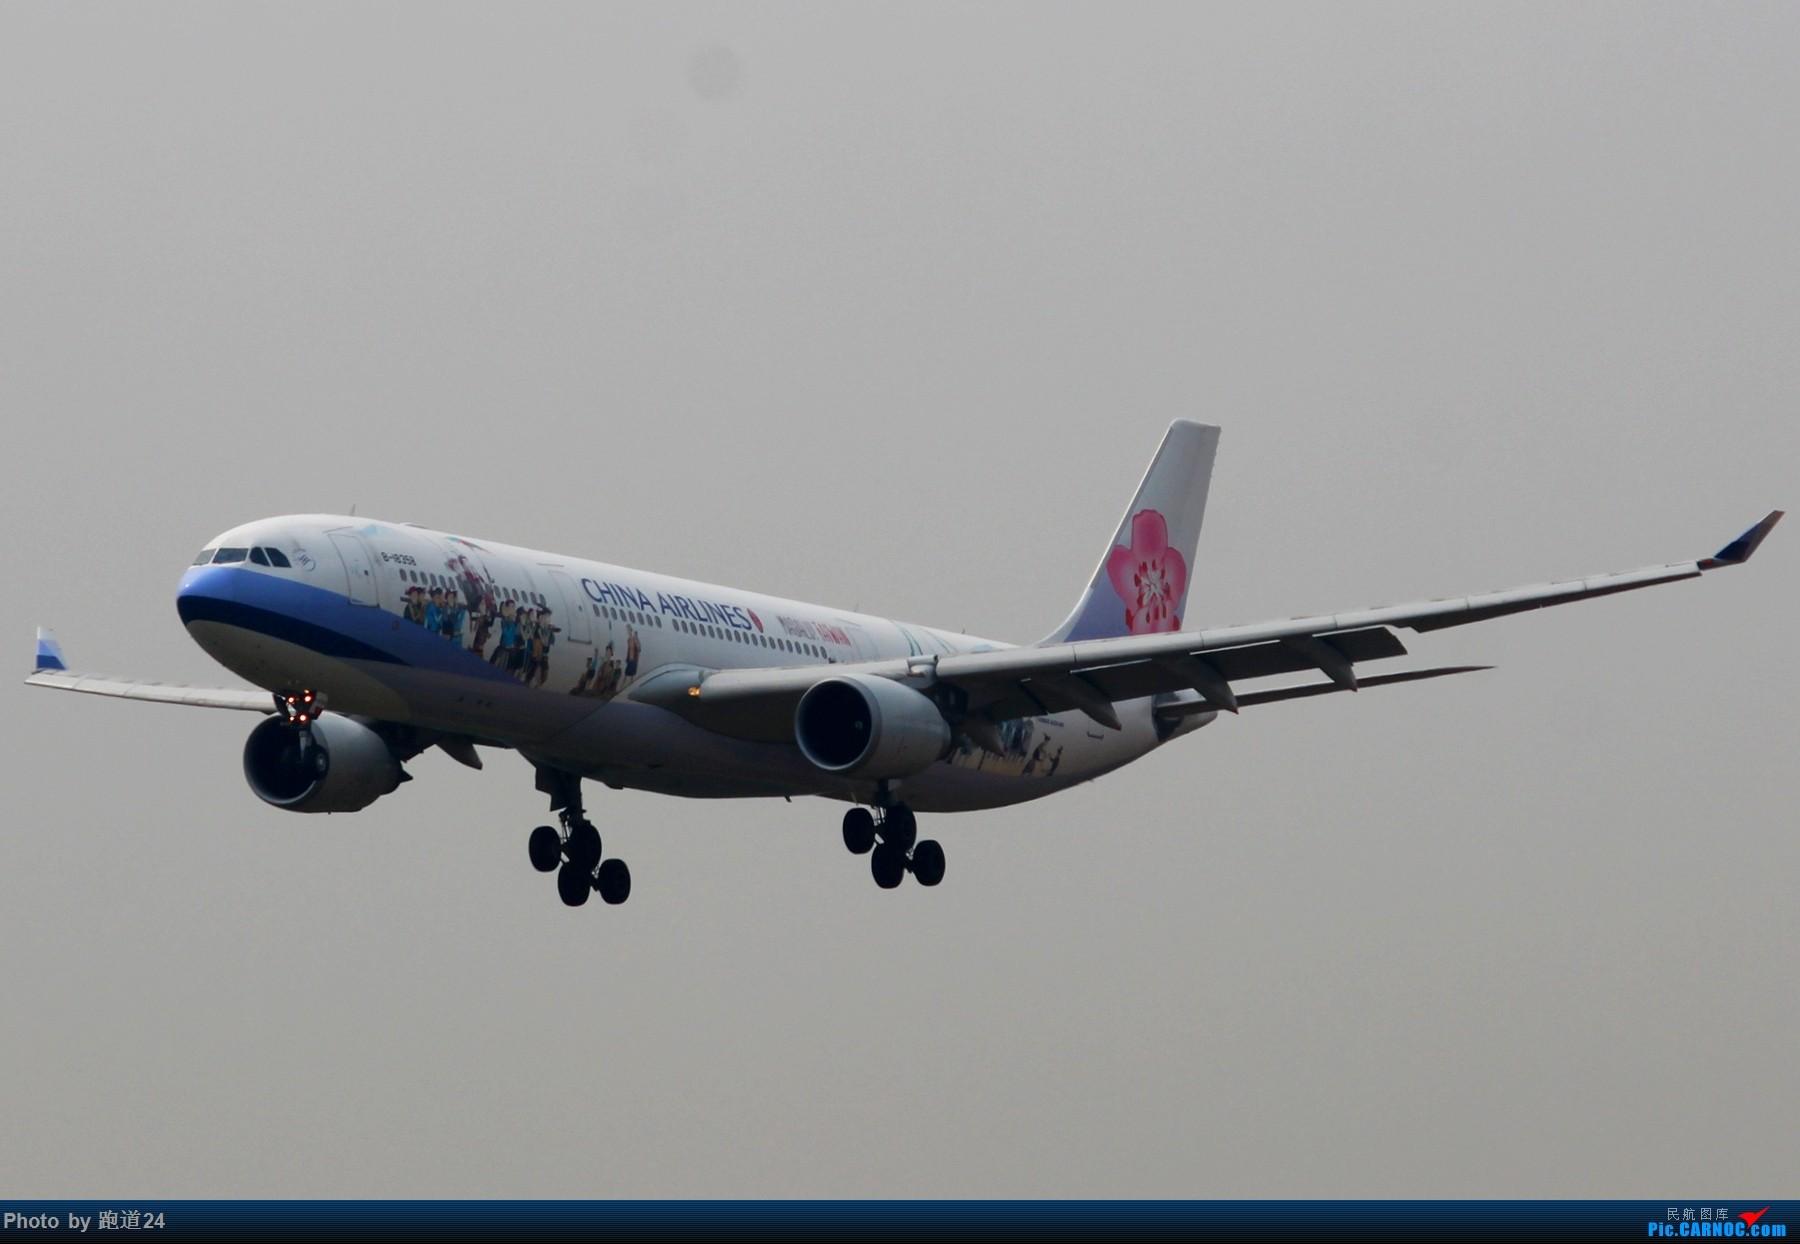 【多图党】华航原住民彩绘 1800*1200 AIRBUS A330-302 B-18358 中国成都双流国际机场